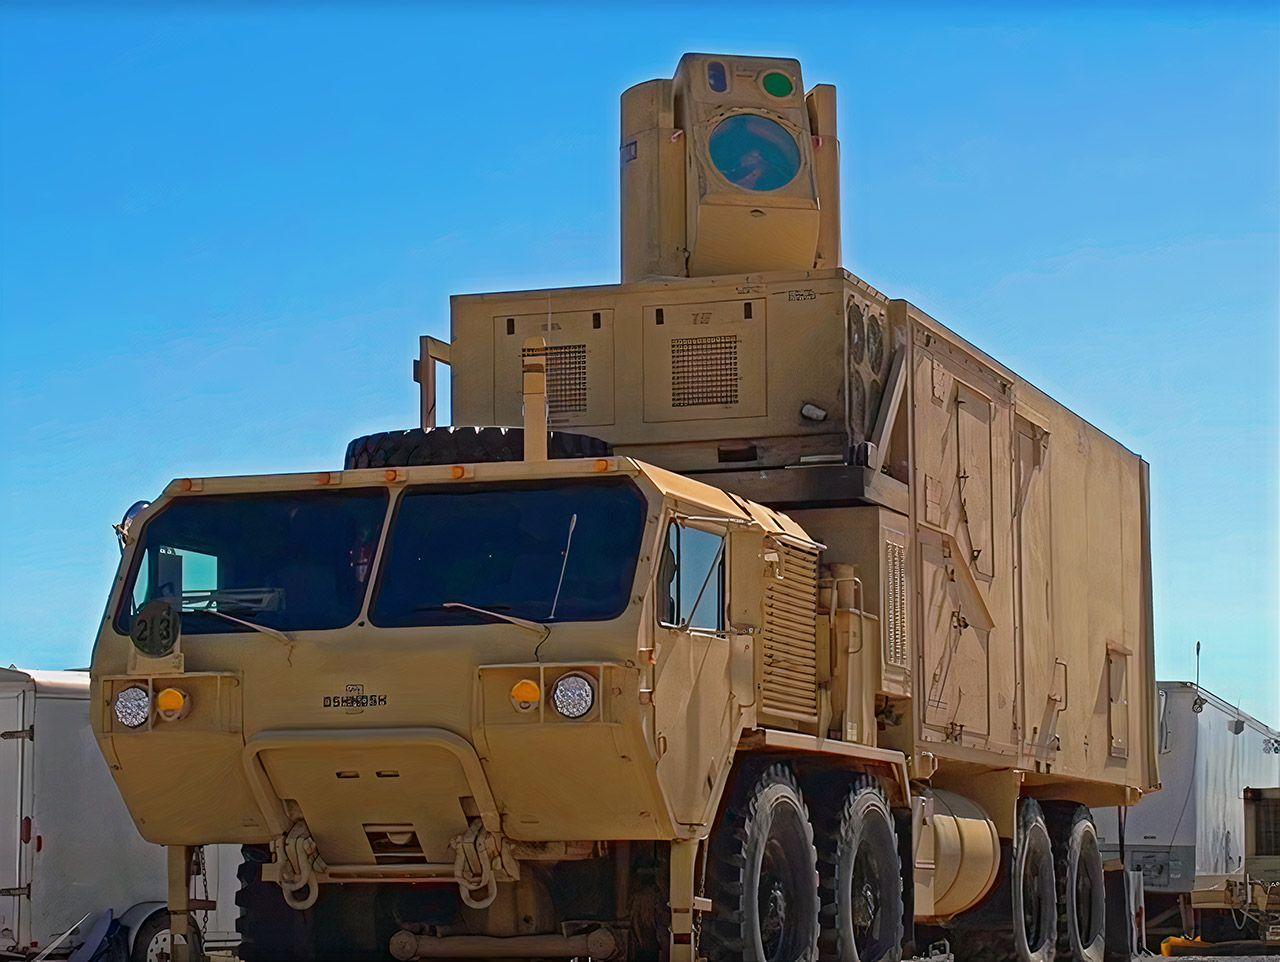 Армия США разрабатывает самый мощный в мире лазер, который способен полностью испарить дрон и нарушить работу электронных систем